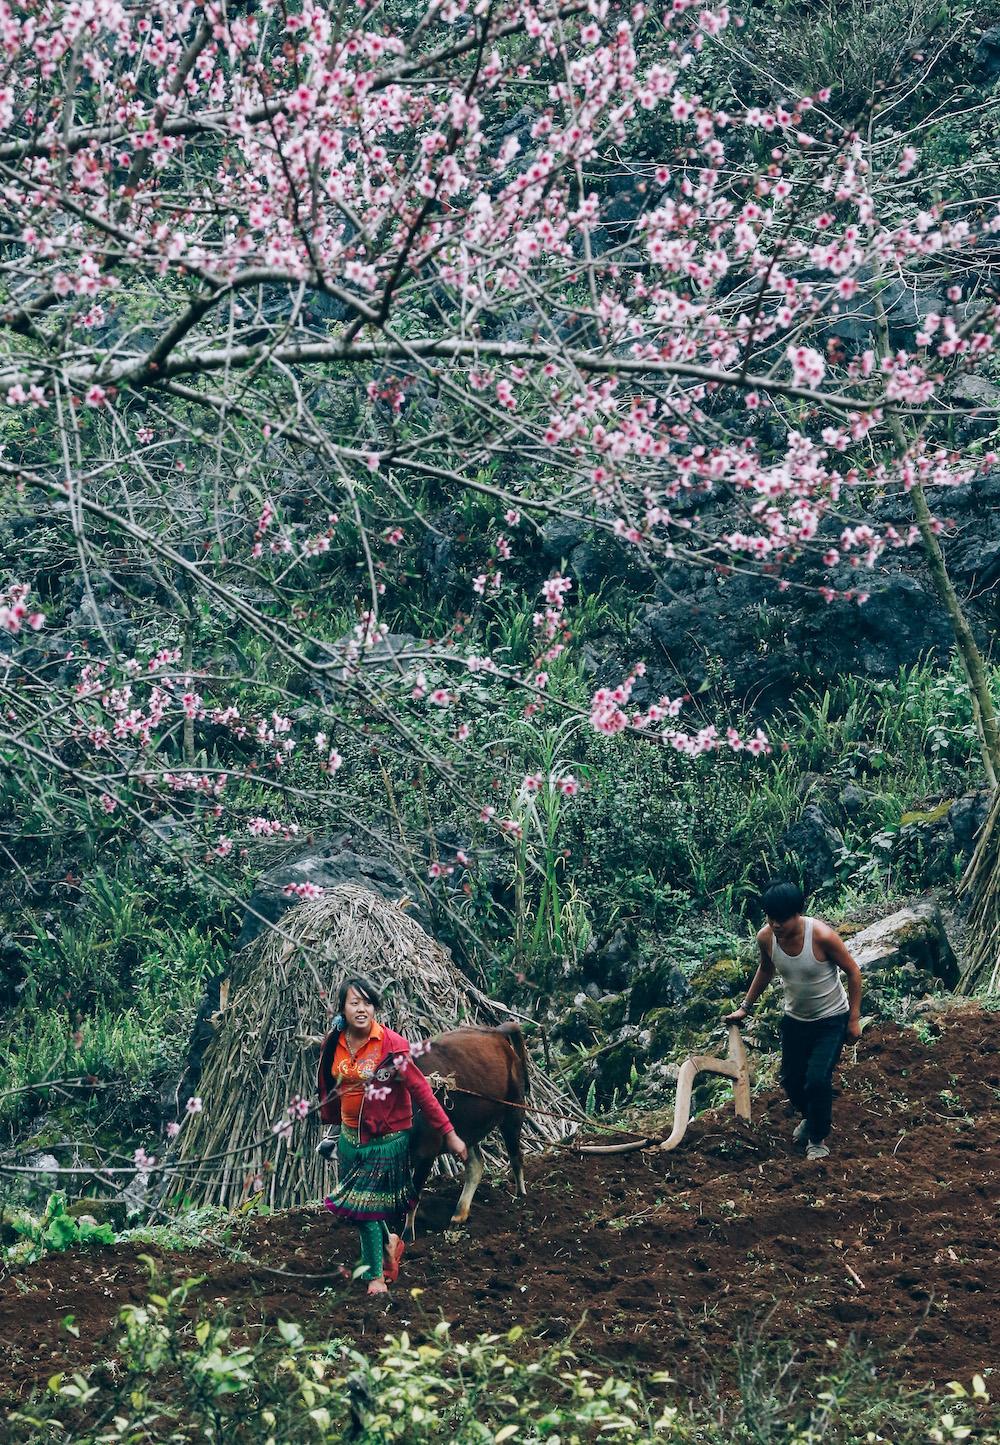 Thời điểm hoa đào nở cùng vào thời điểm đồng bào các dân tộc vào vụ lúa xuân.